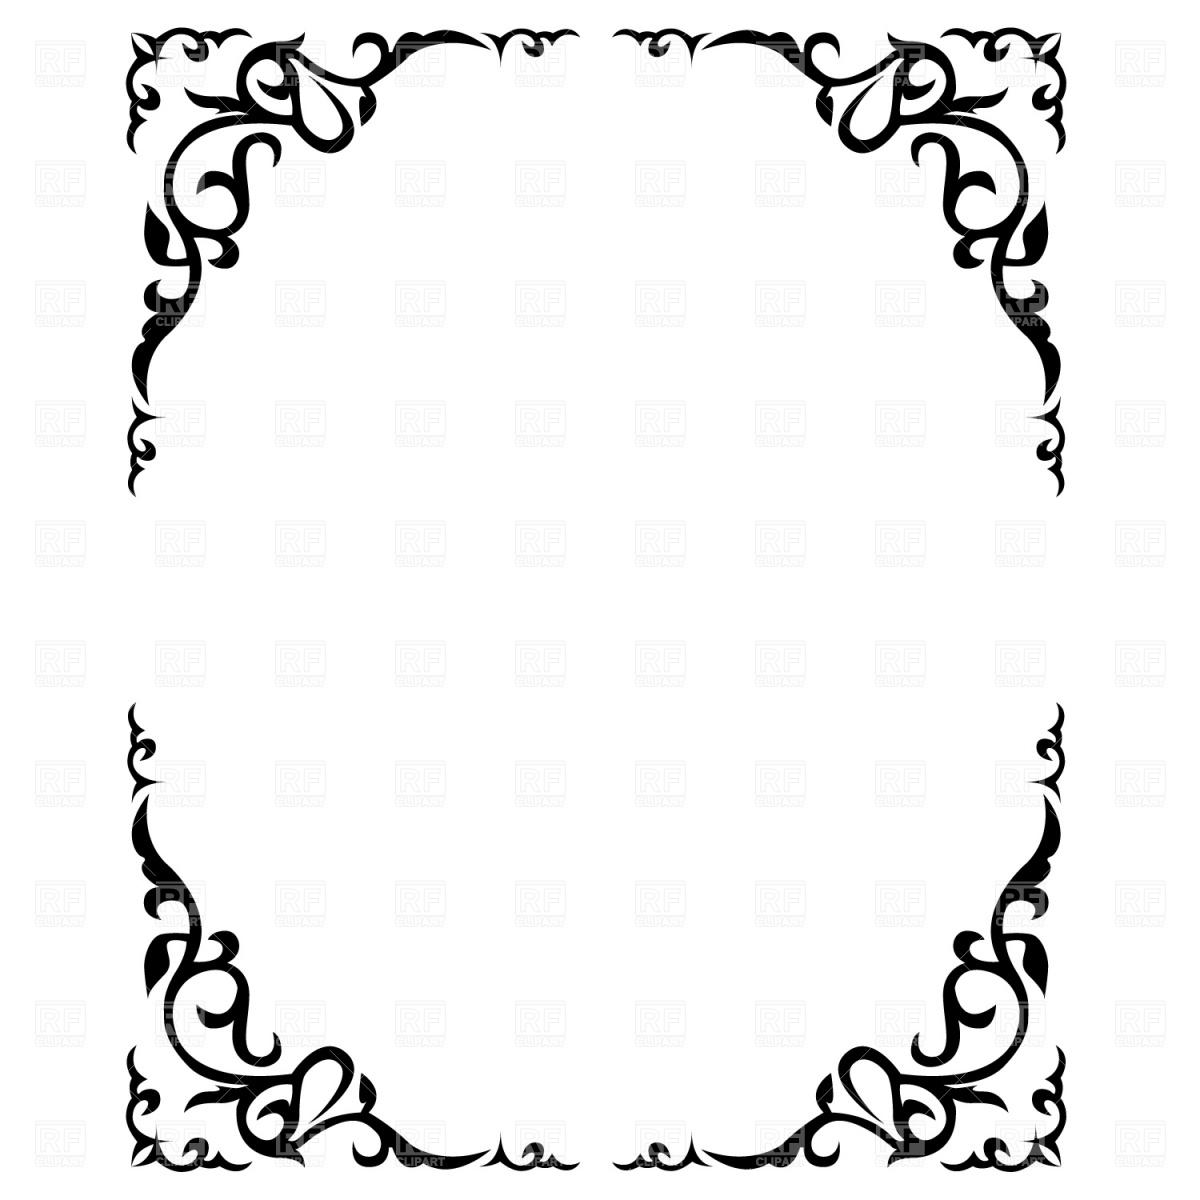 Wedding Clip Free Printable Clip Art Bor-Wedding Clip Free Printable Clip Art Borders And Frames Free Clip Art-14